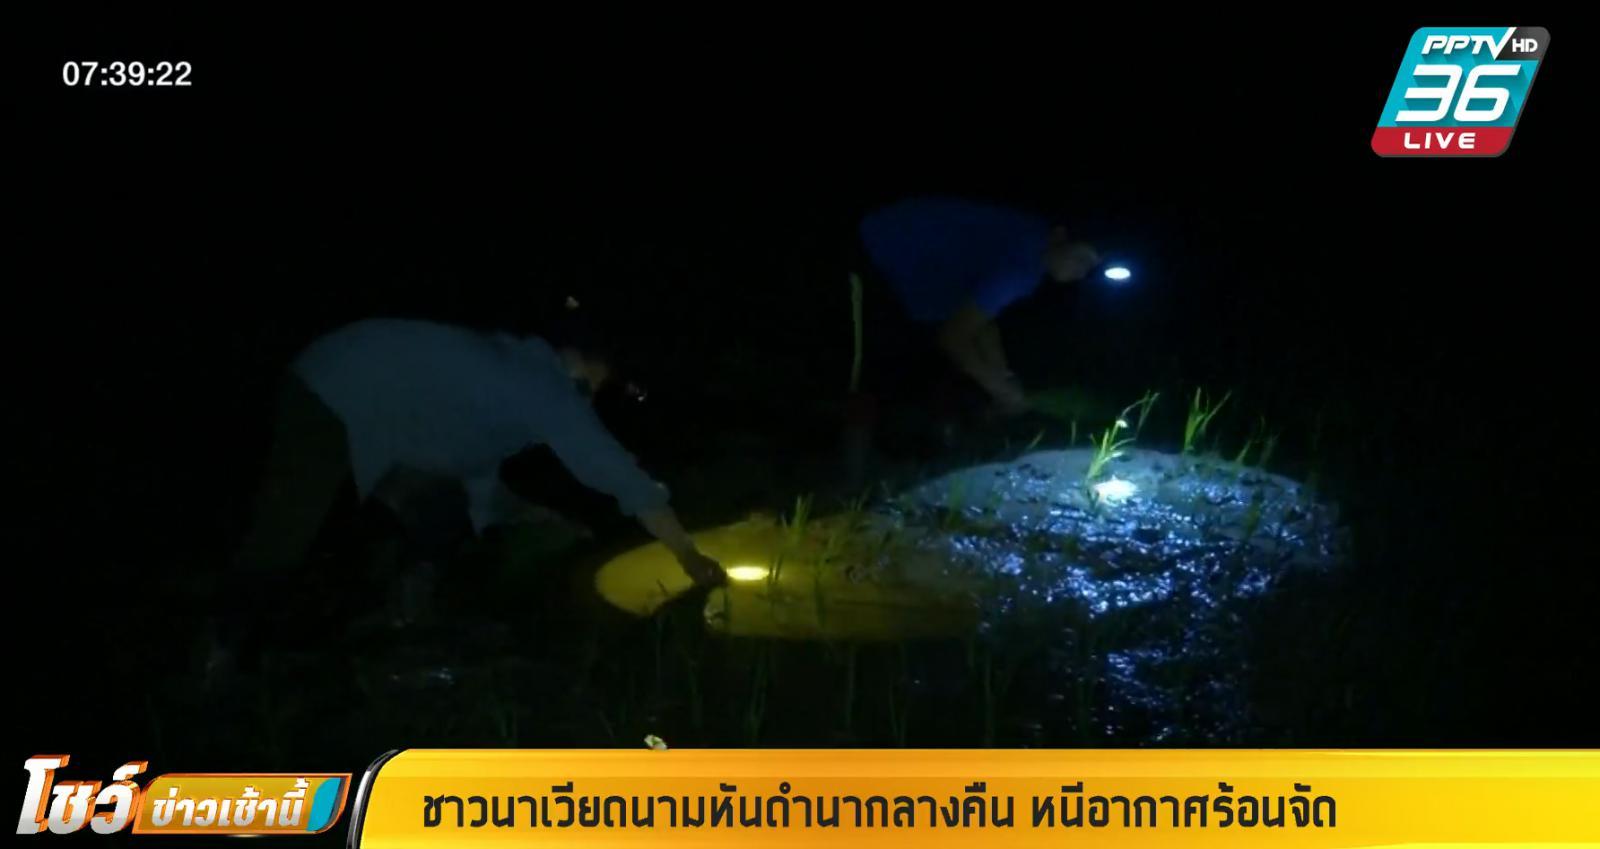 ชาวนาเวียดนาม หันดำนากลางคืน หนีอากาศร้อนจัด